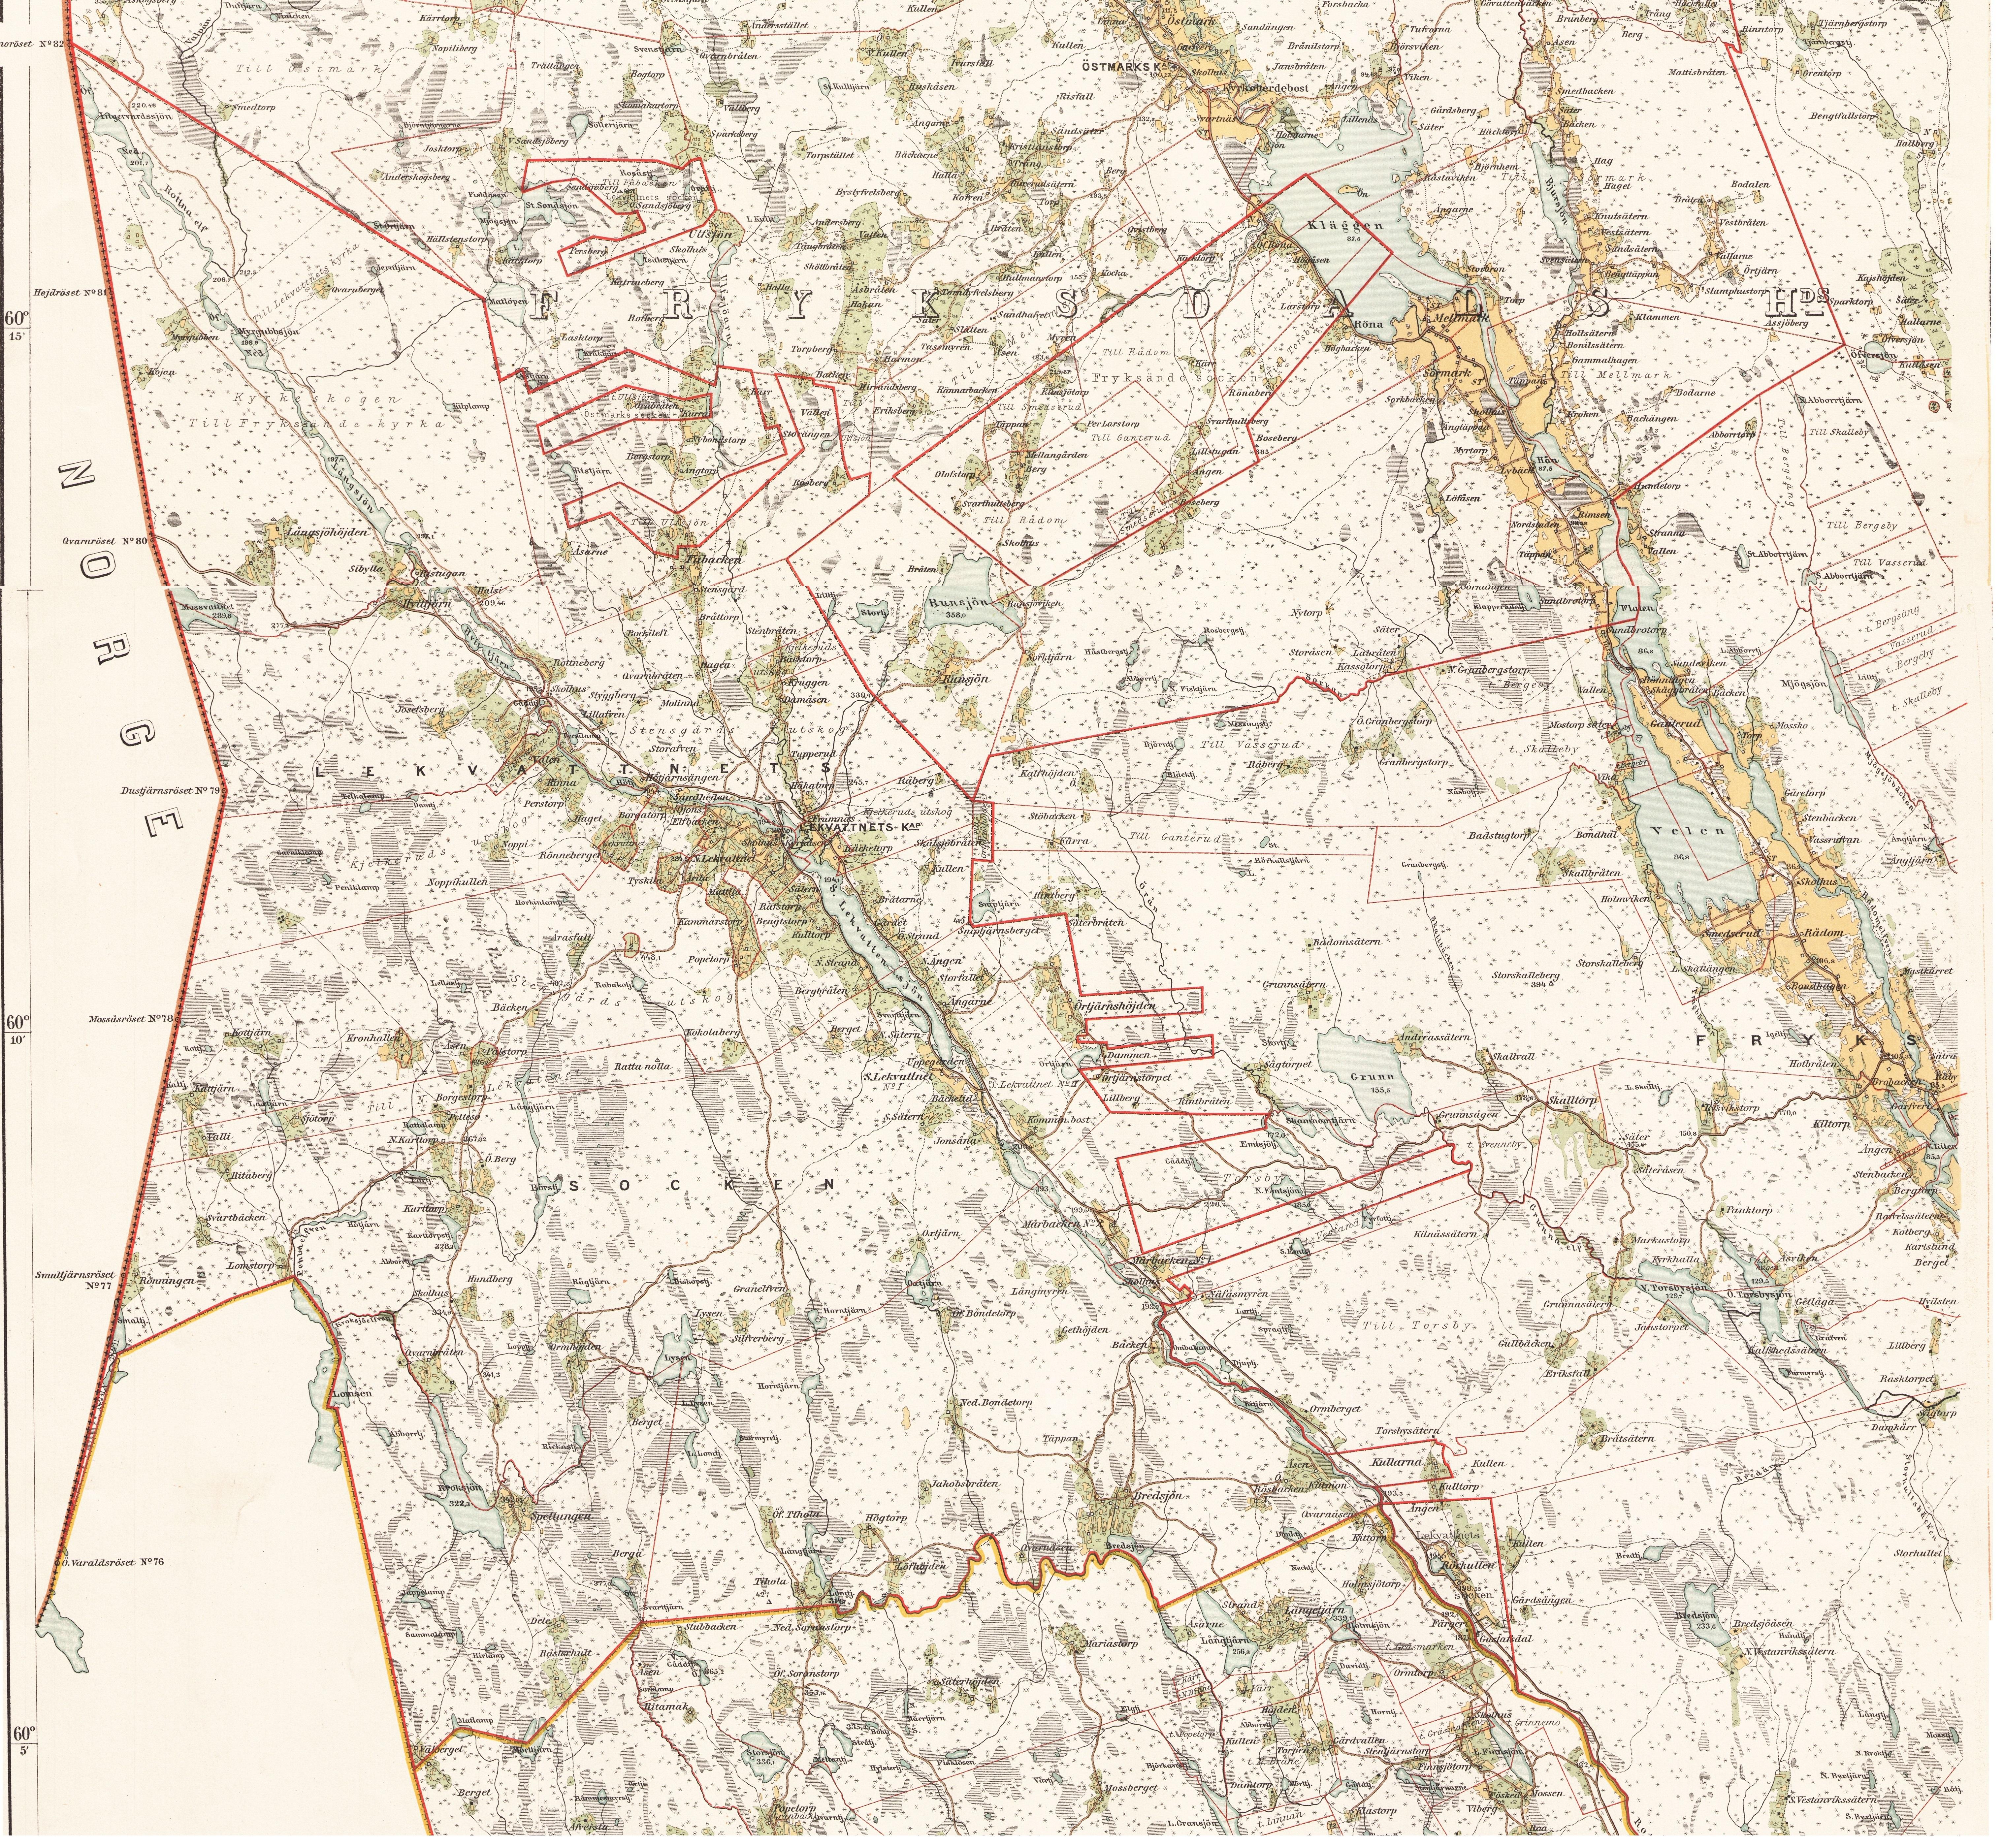 häradskarta 1883 över fryksdalen